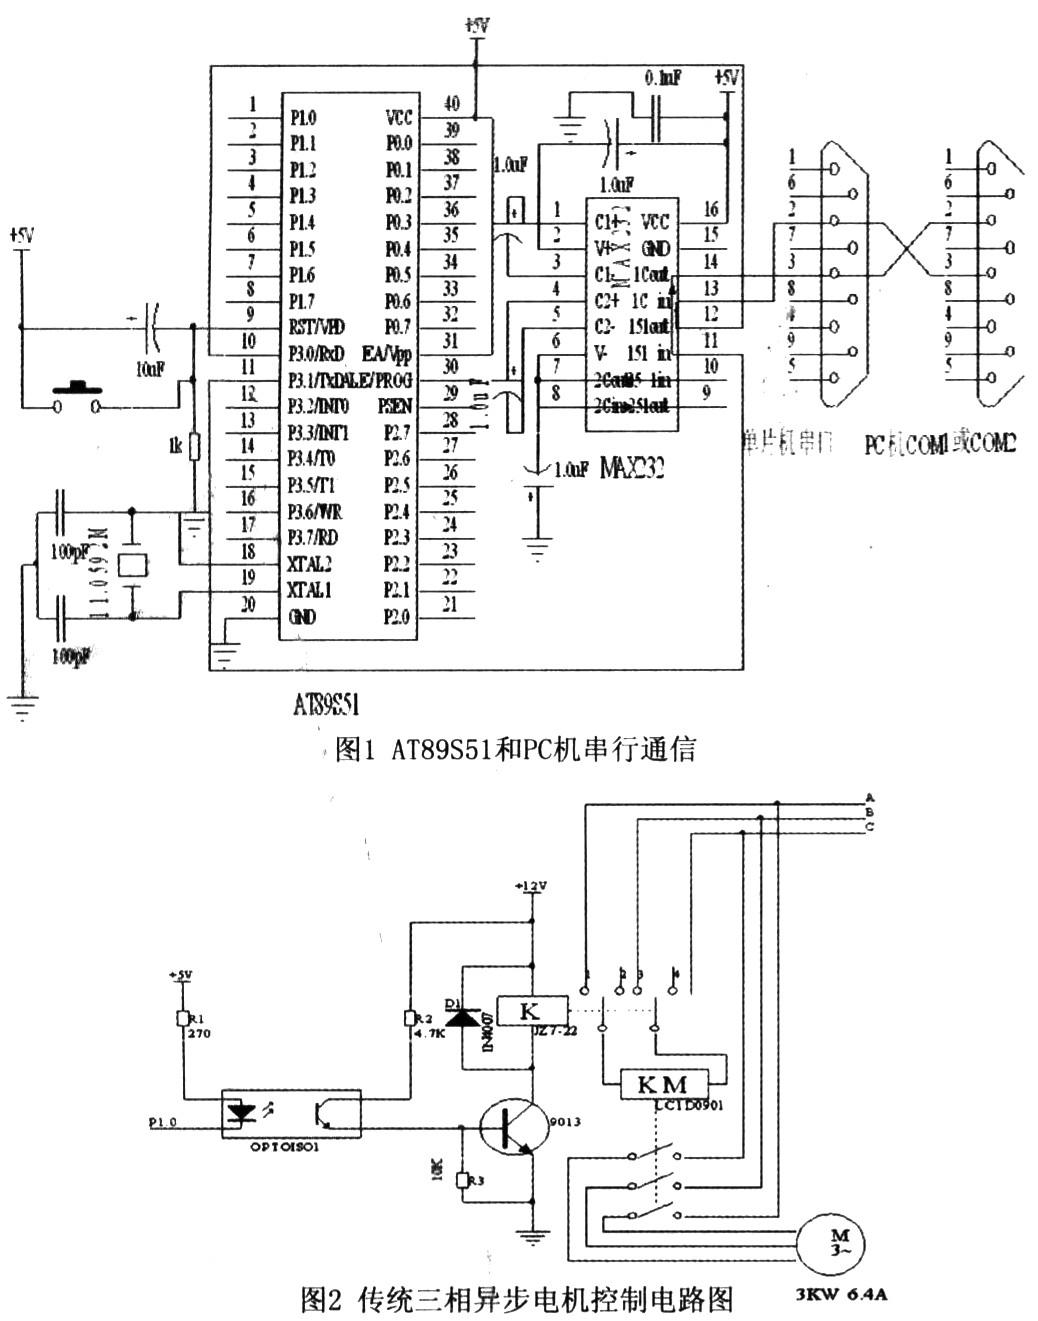 基于VC的三相异步电机启停系统的设计